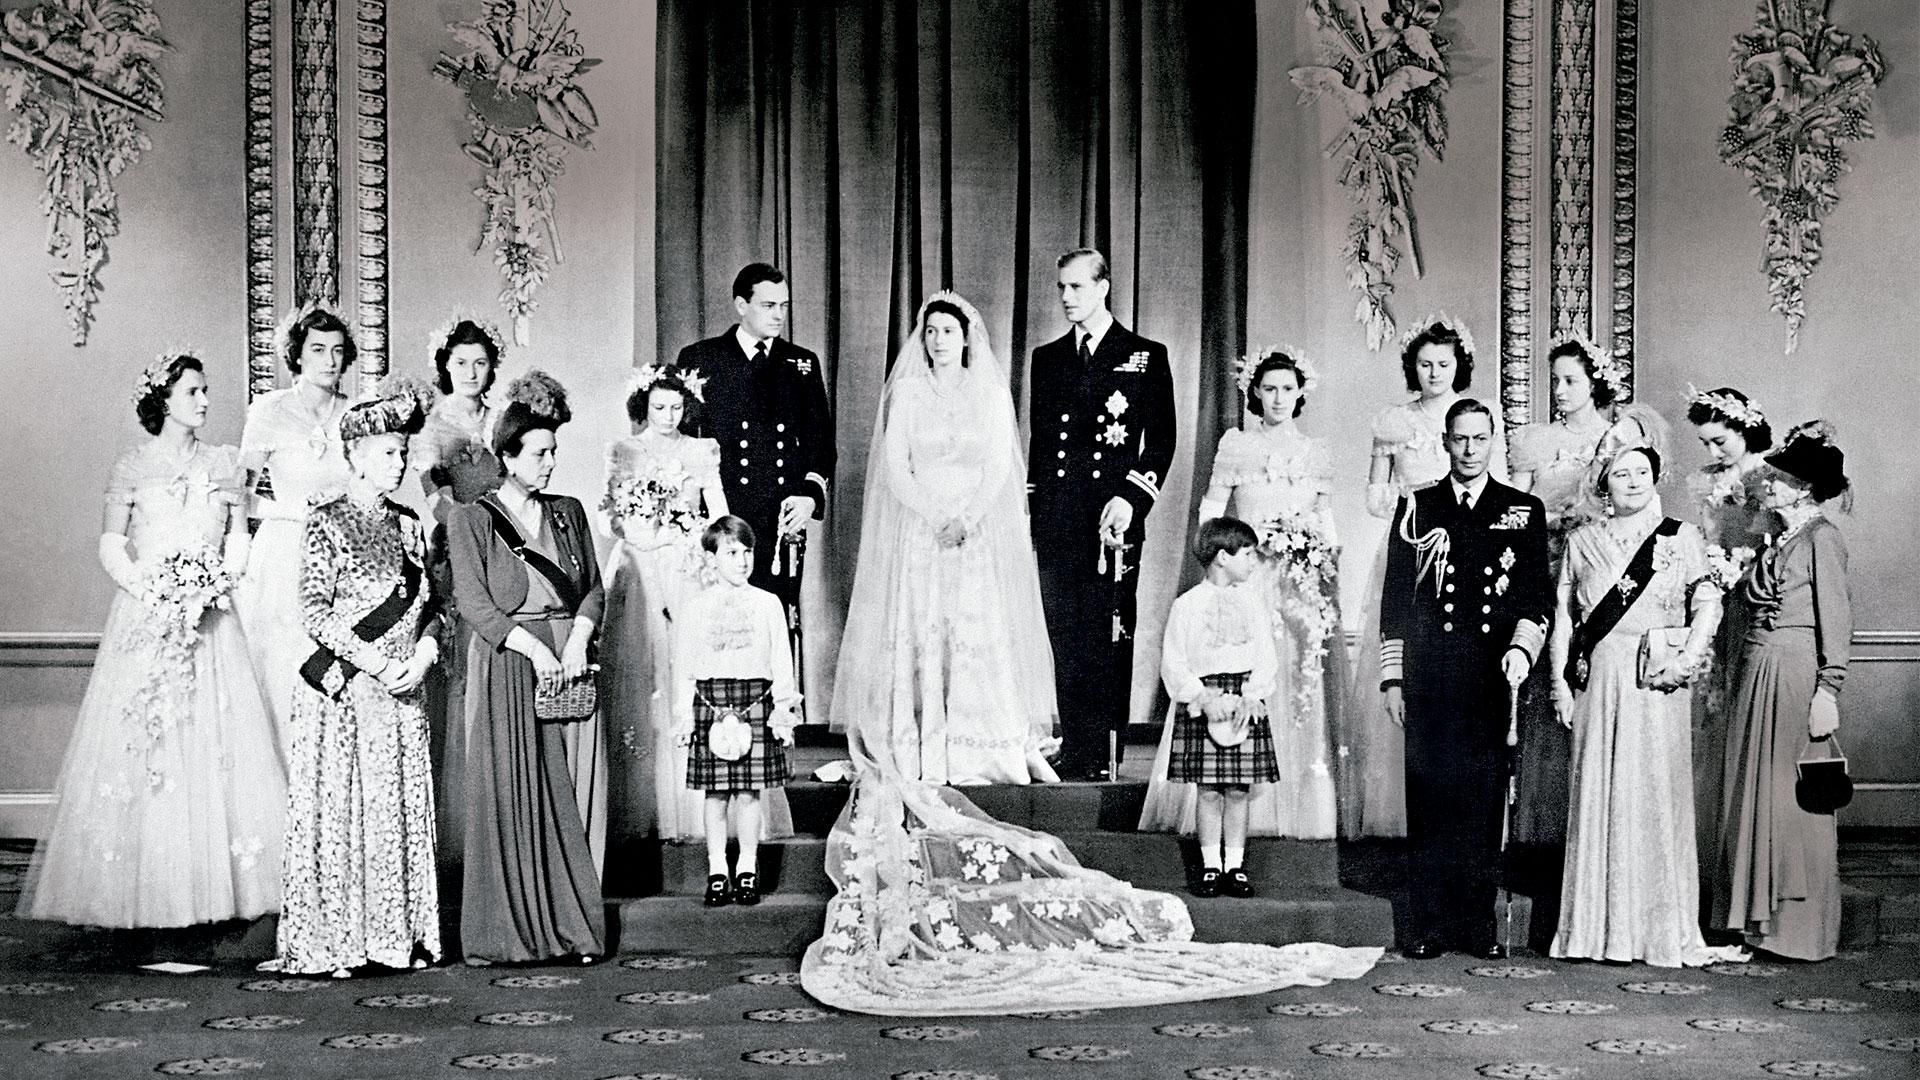 Los Emblemáticos Vestidos De Novia De Las 11 Bodas Reales De La Corona Británica Infobae